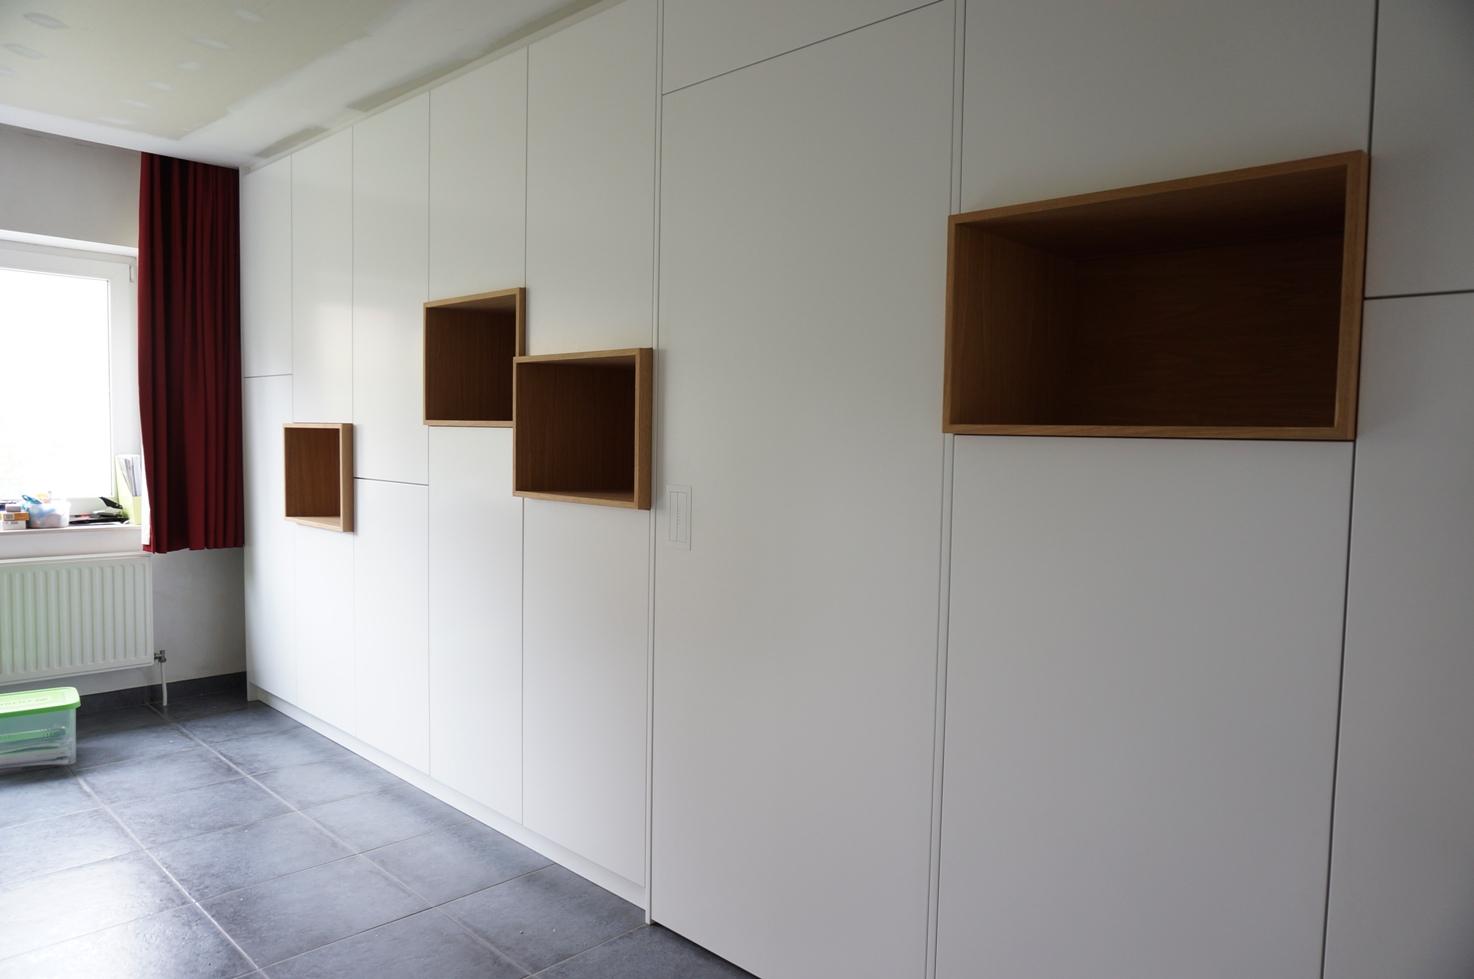 Kastenwand met eiken open vakken en een geïntegreerde deur naar de